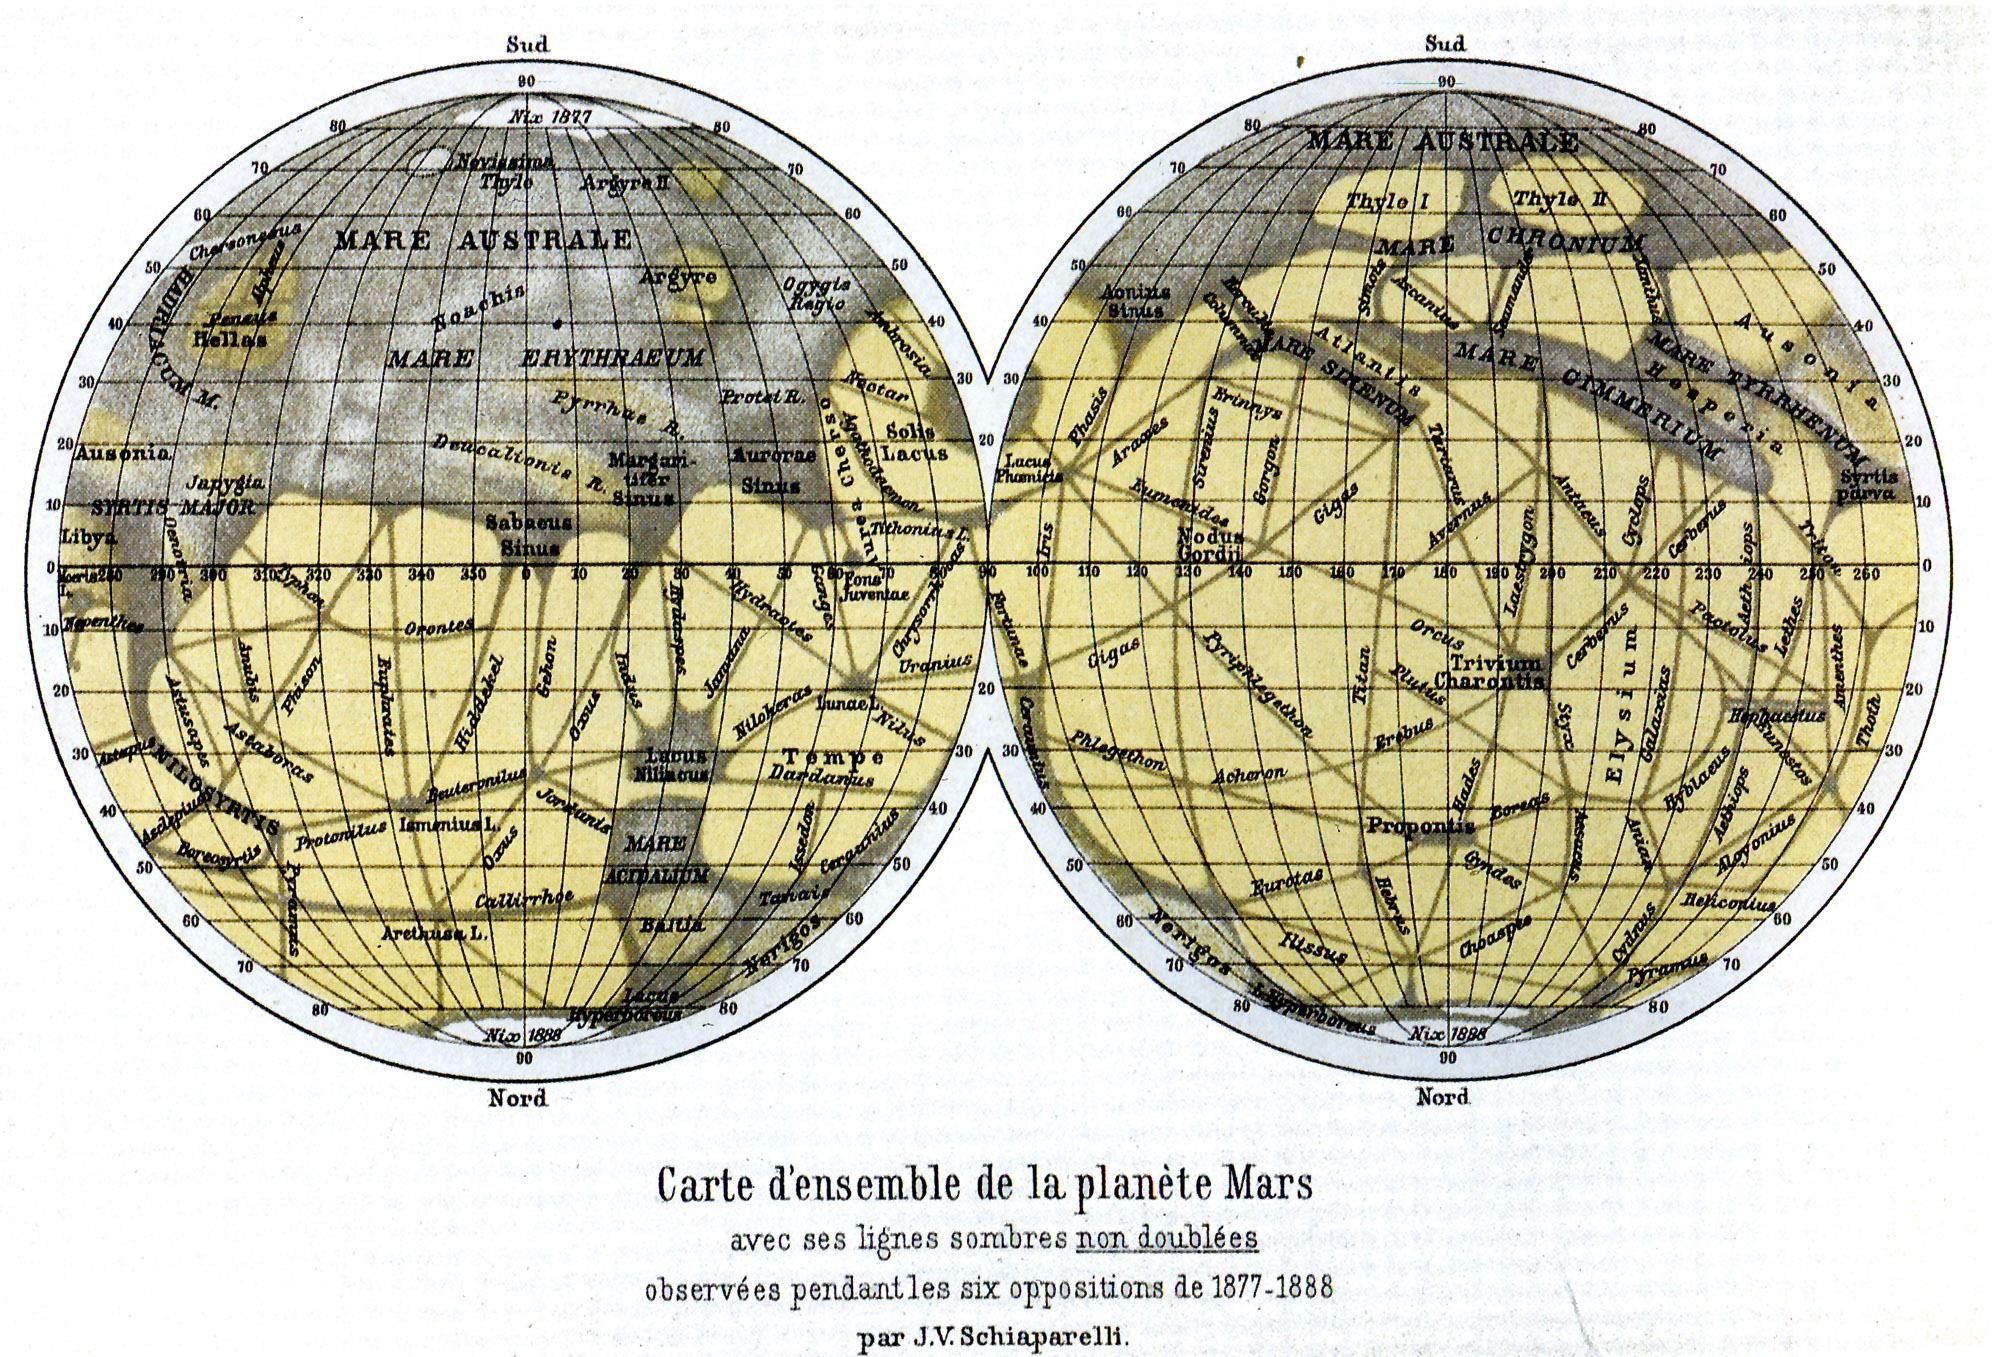 mars1888sciaparelli